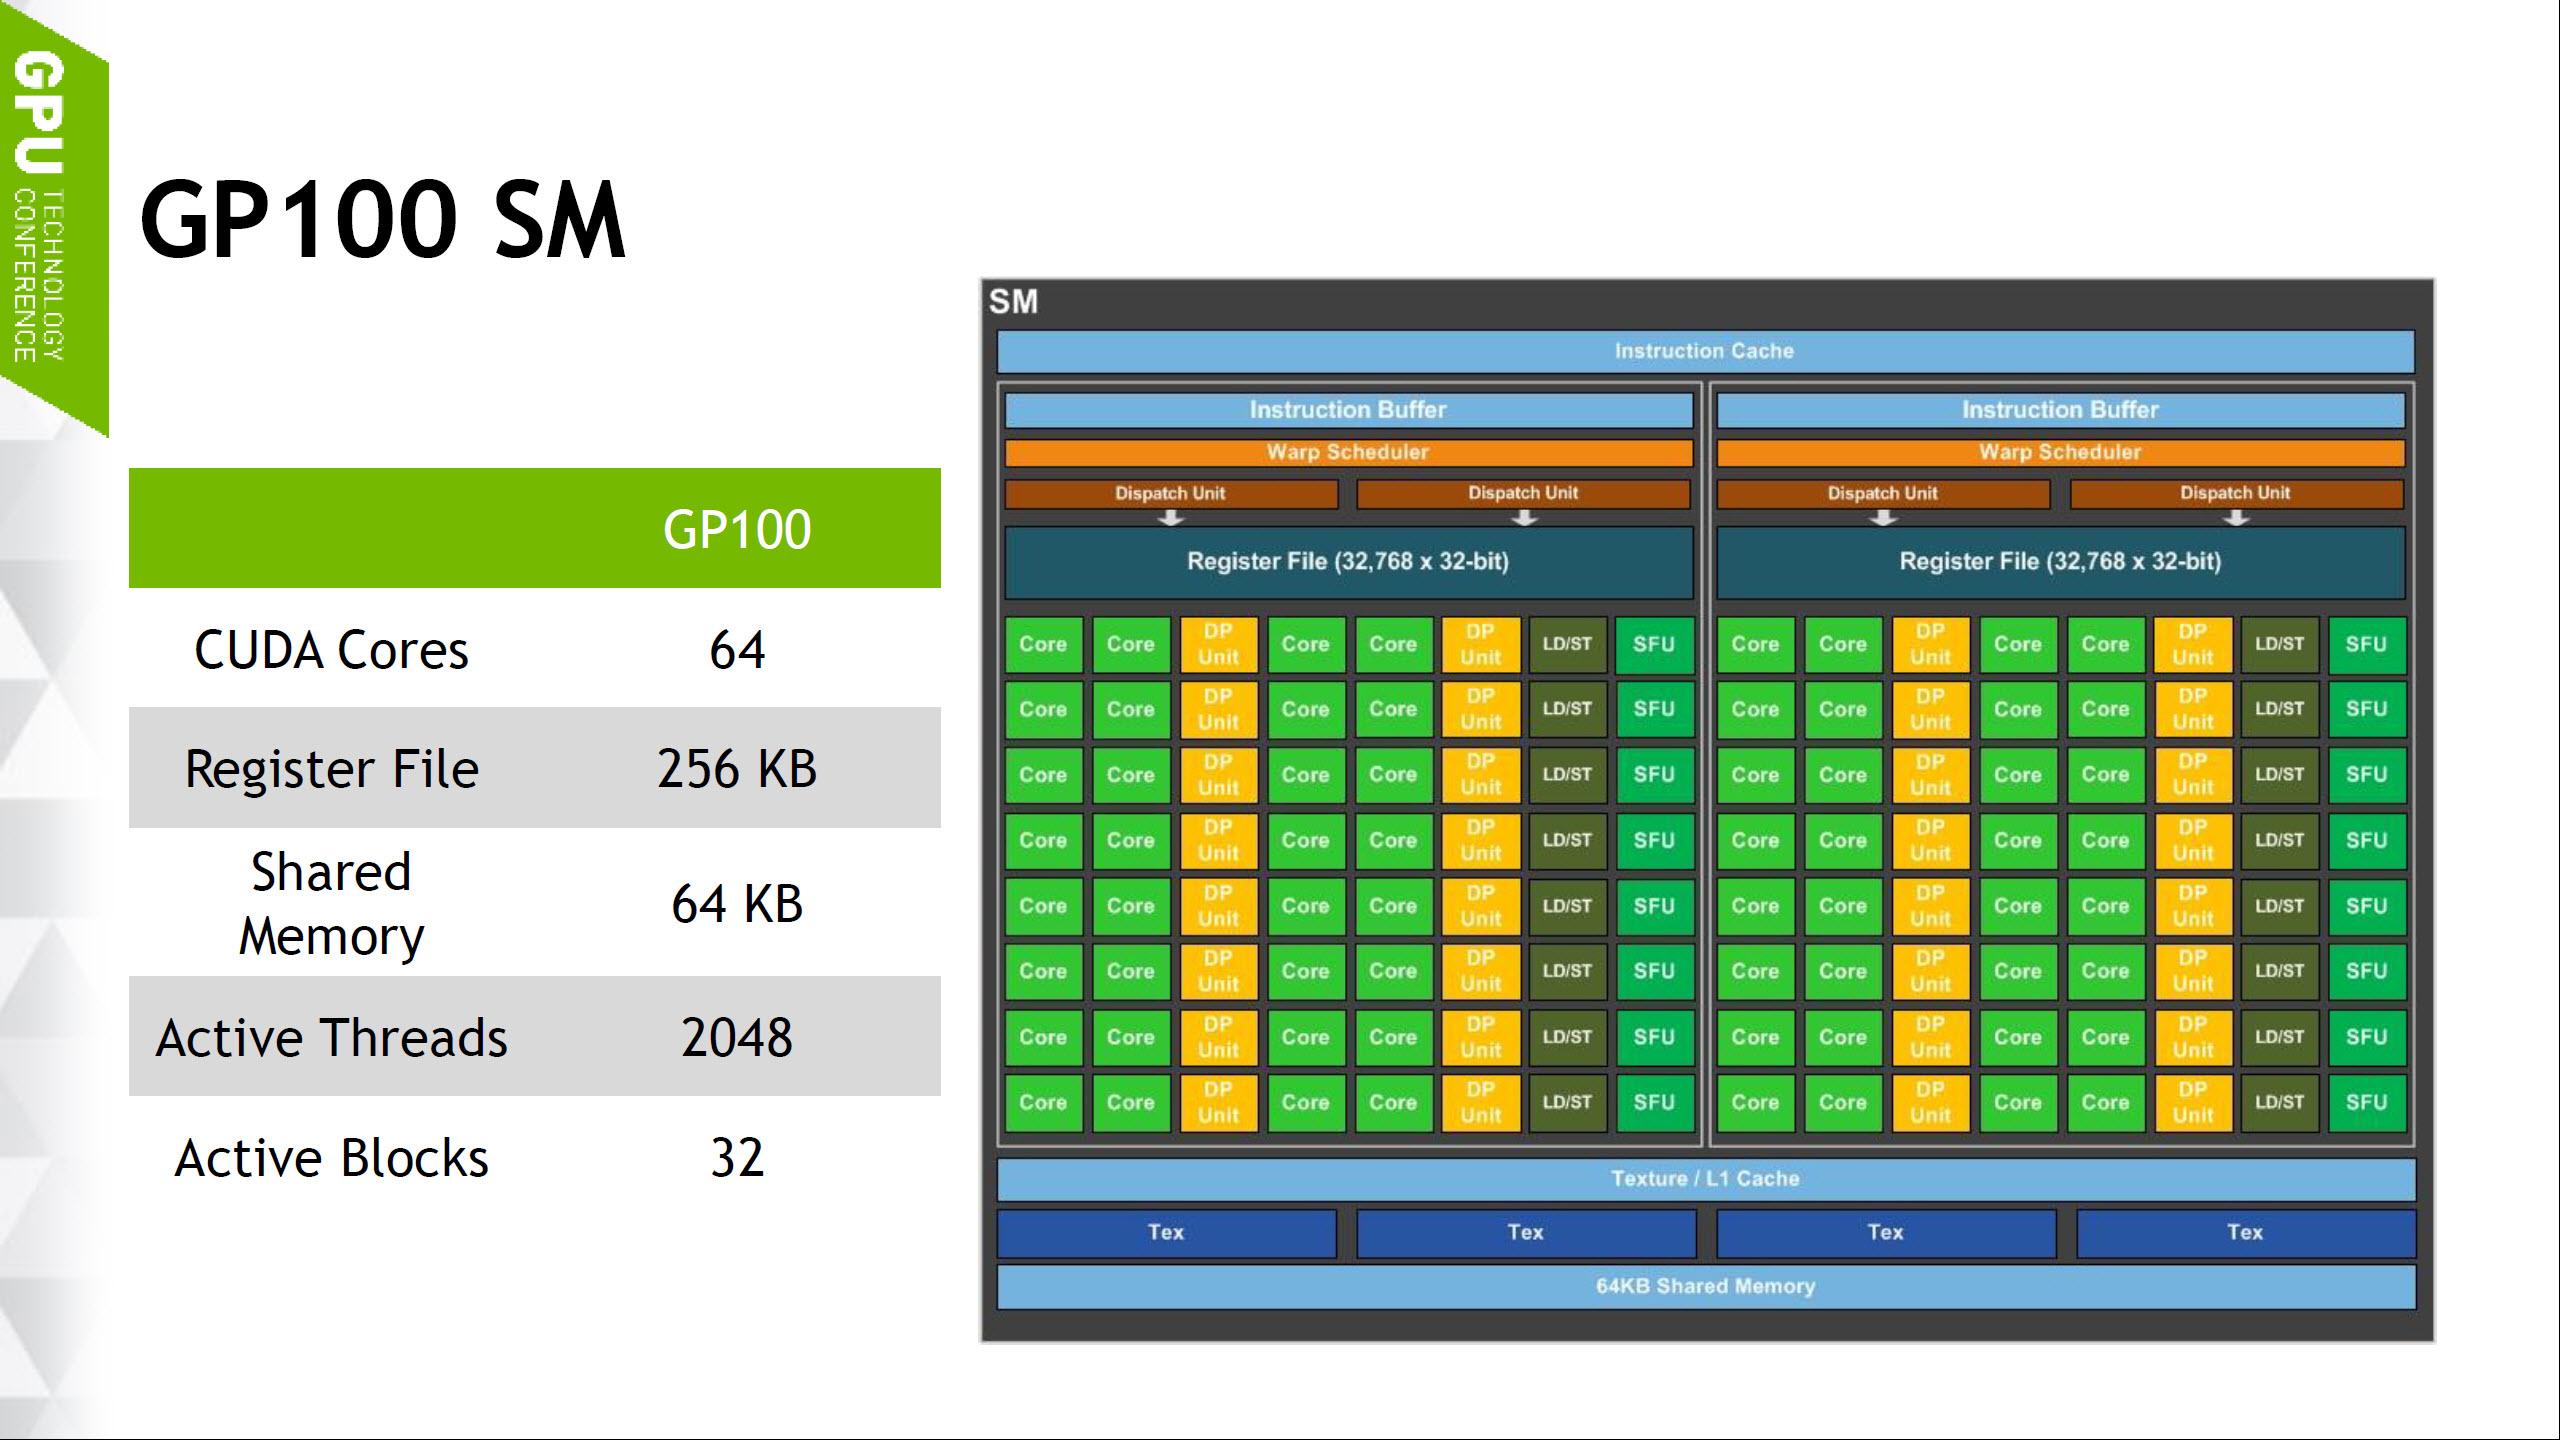 Nvidia GTX 1080 DirectX 12 Benchmarks Revealed - Async